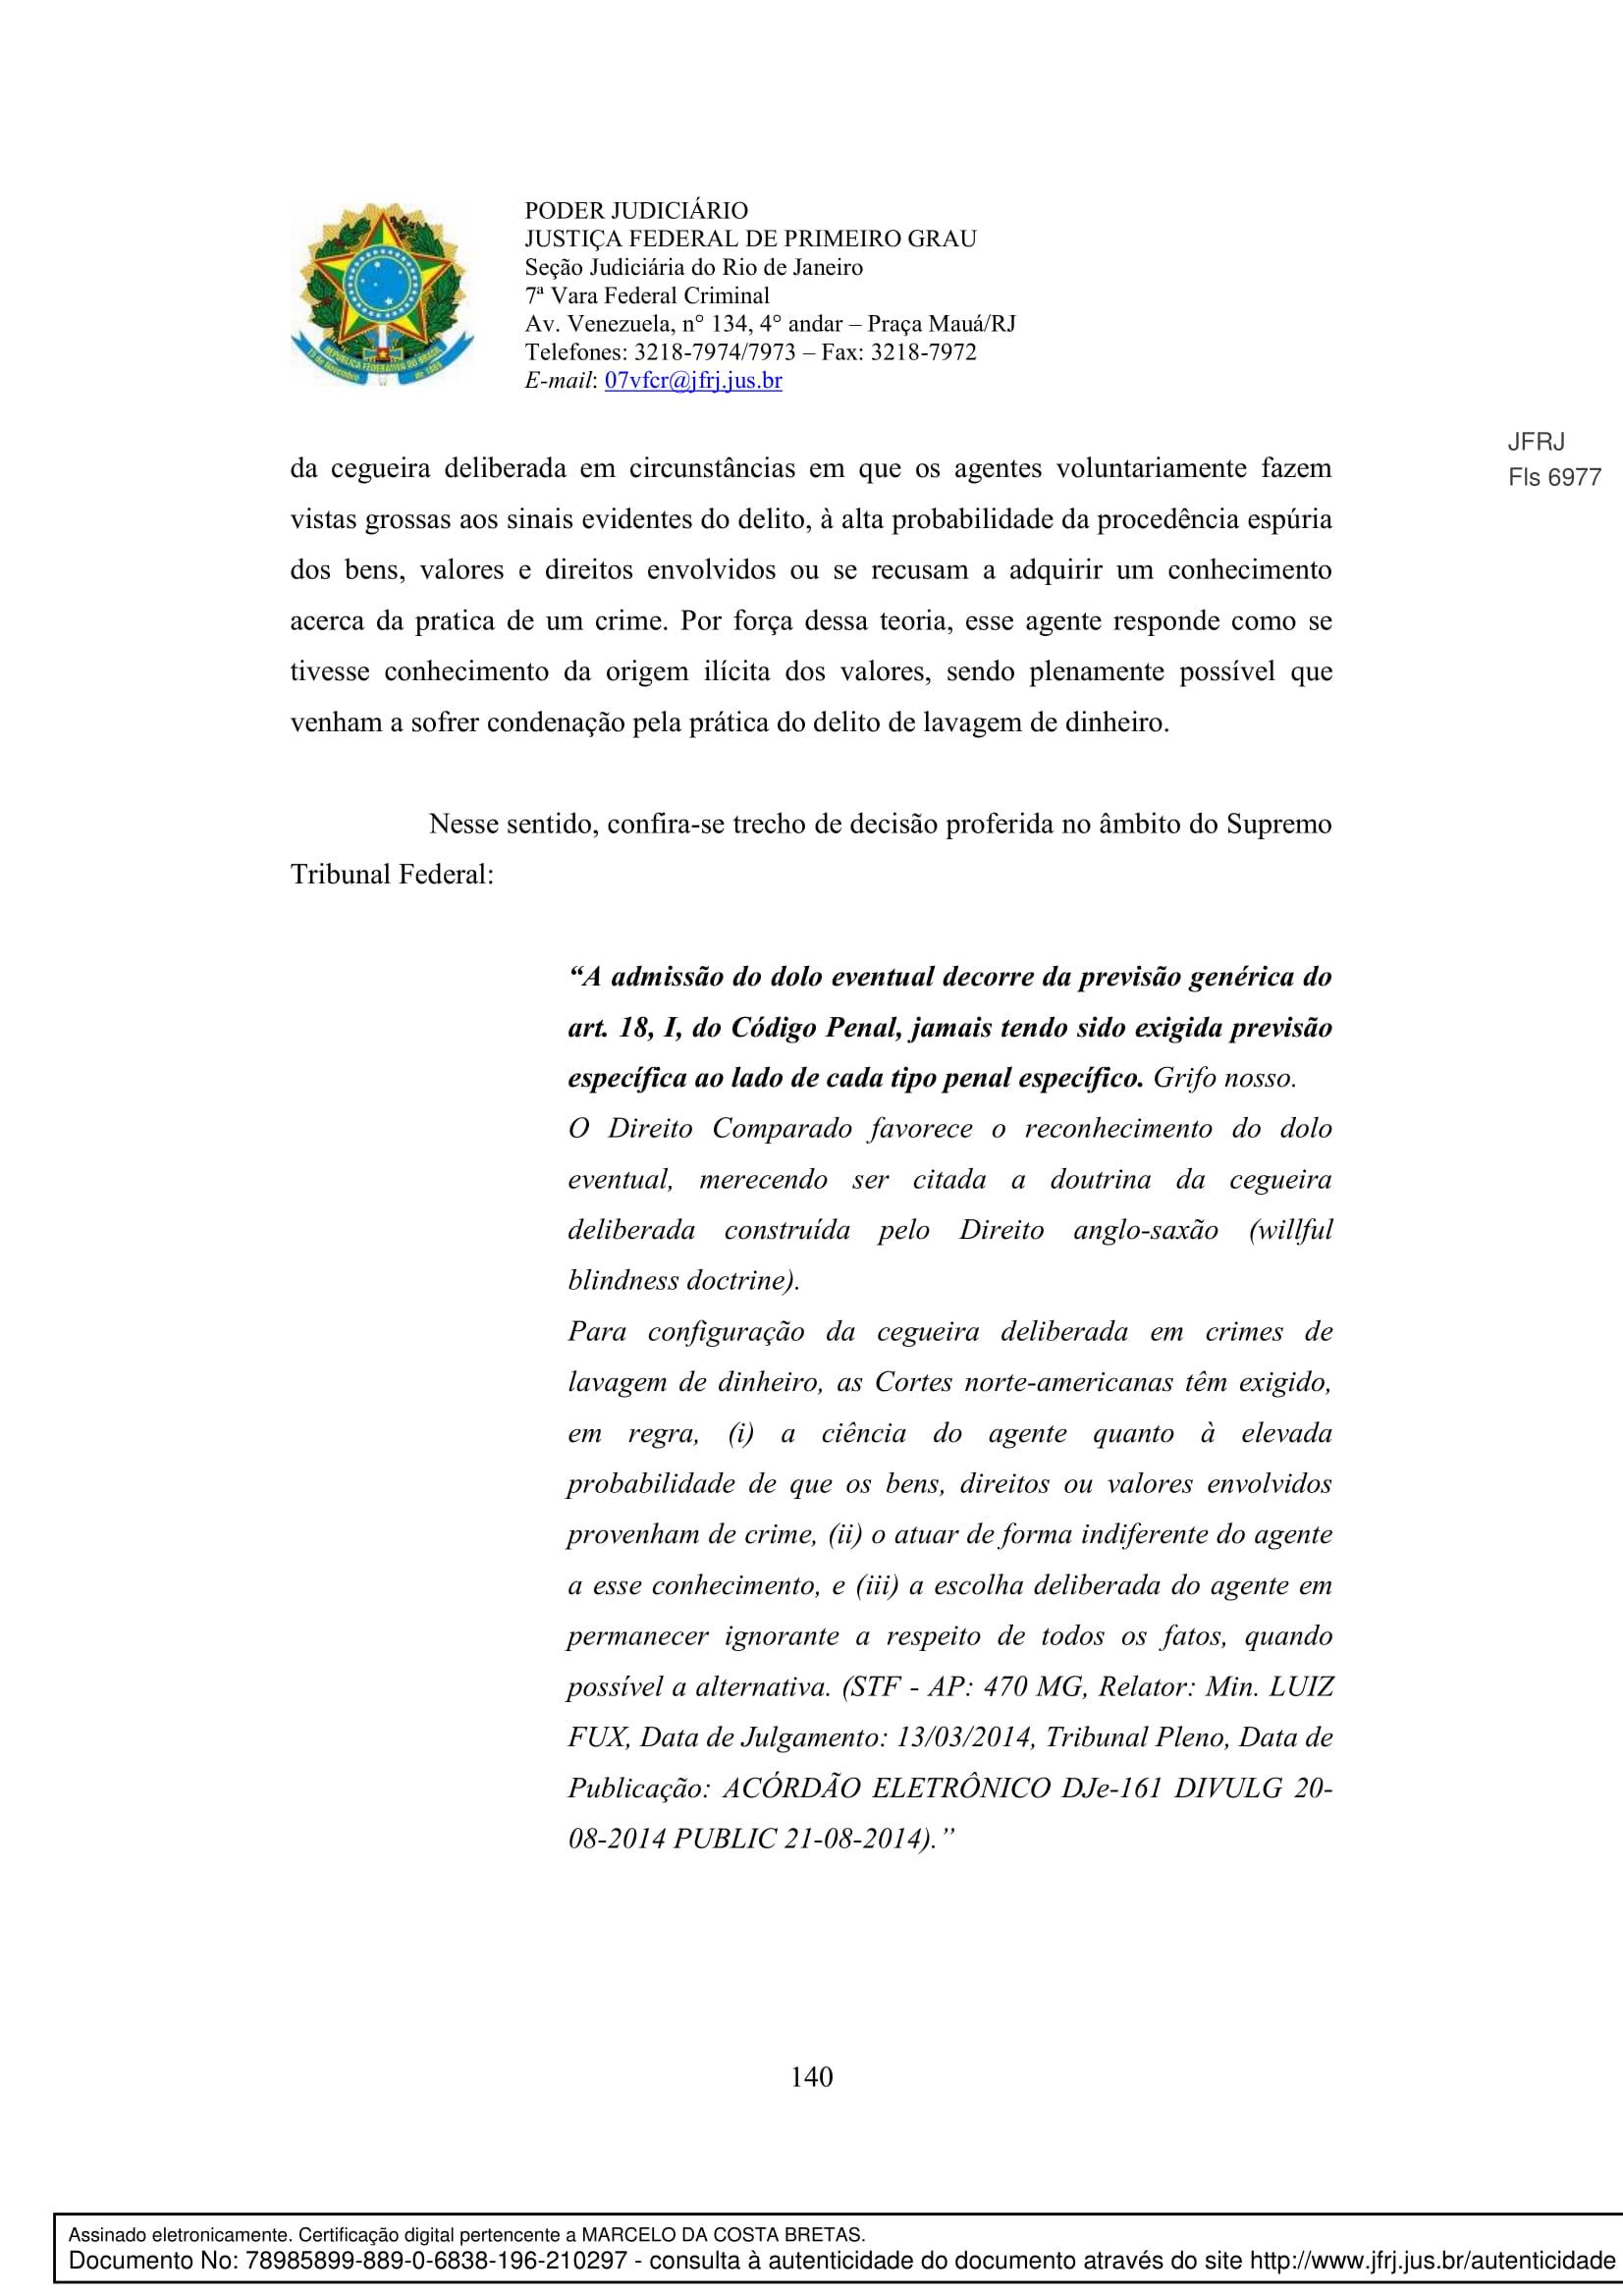 Sentenca-Cadeia-Velha-7VFC-140